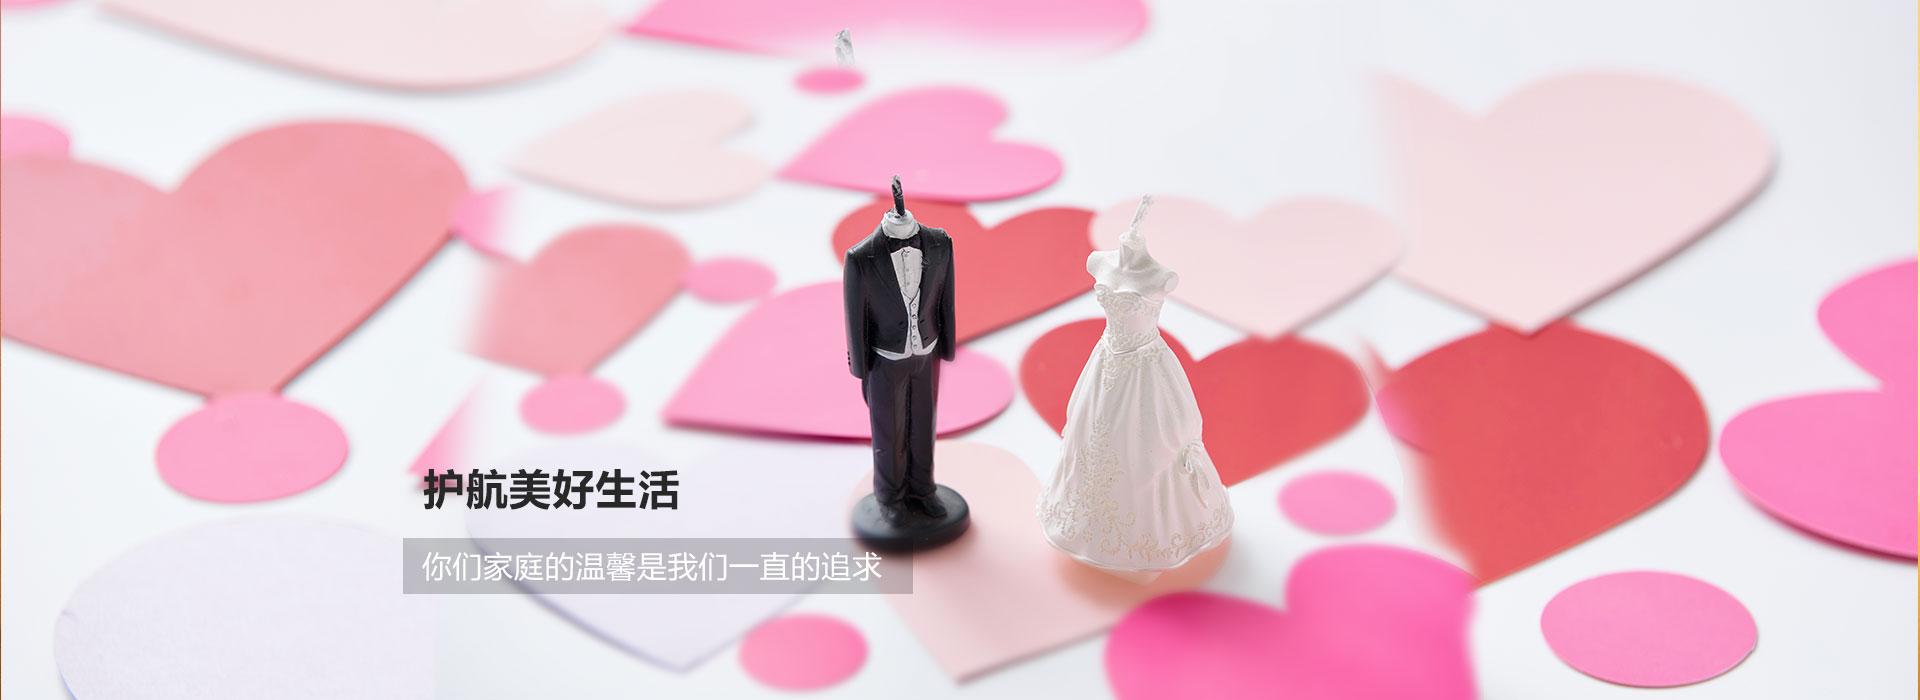 济南离婚咨询,济南婚姻案律师,济南知名离婚律师